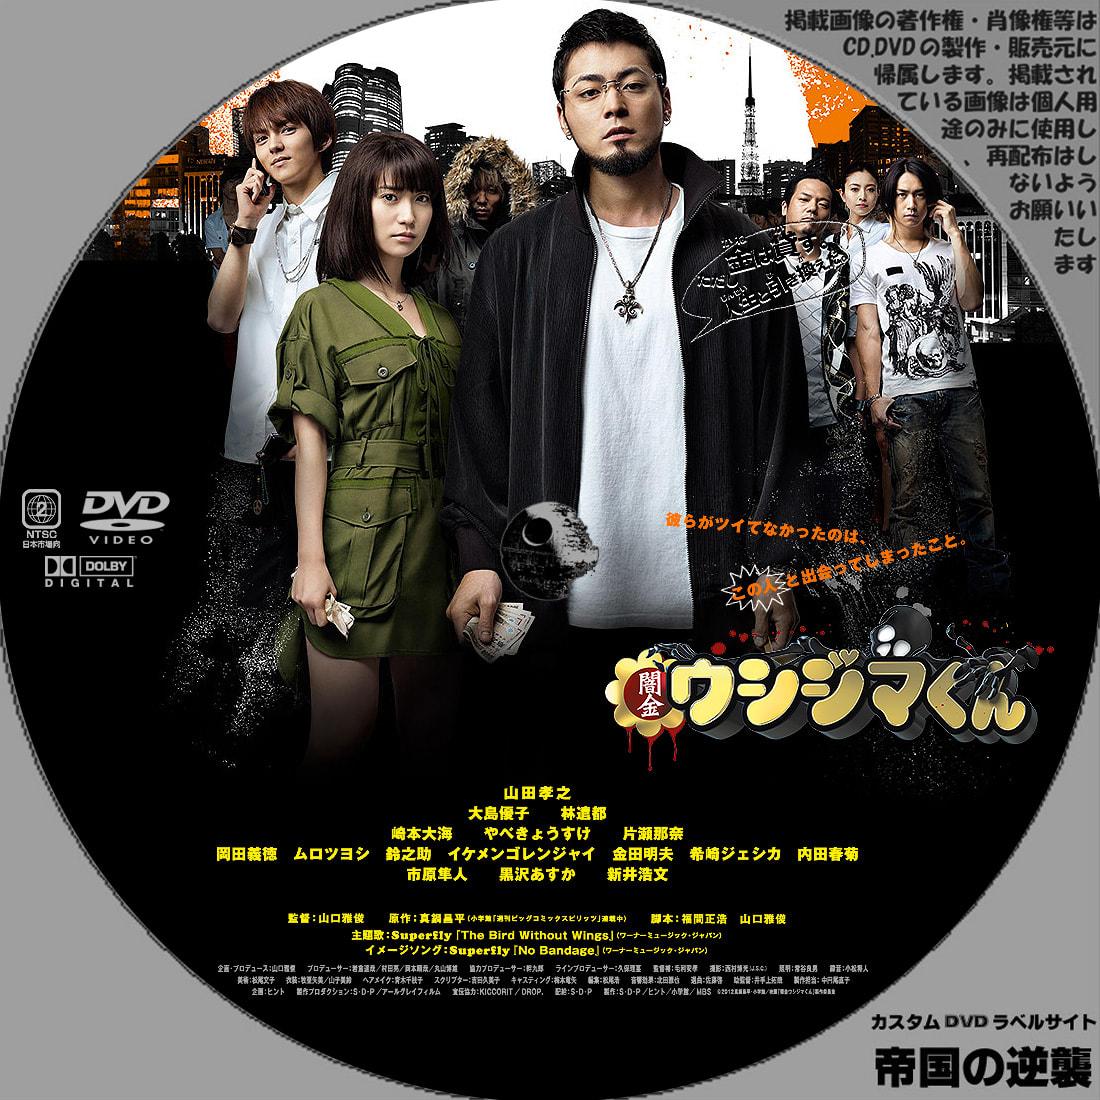 闇金ウシジマくん カスタムDVDラベル DVDレーベル - 新作映画のDVD ...